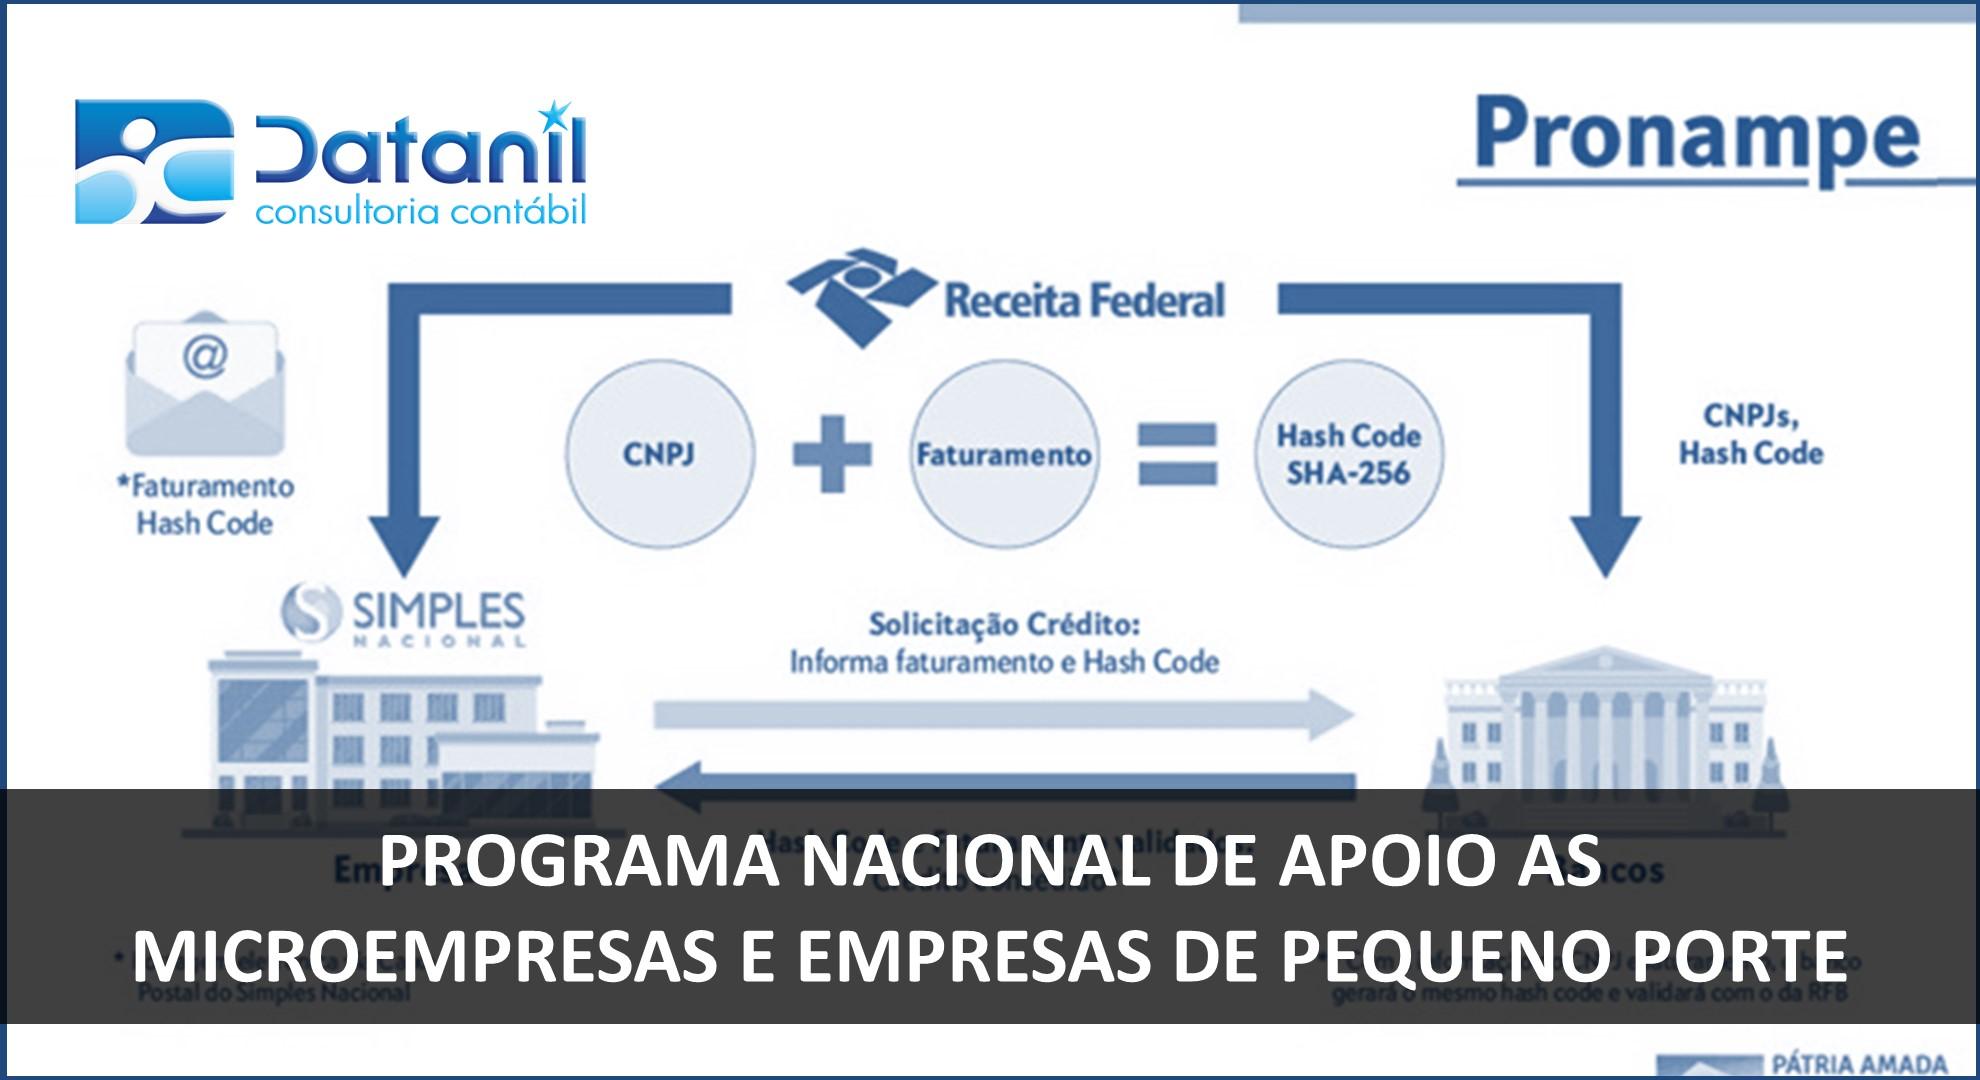 Programa Nacional De Apoio As Microempresas E Empresas De Pequeno Porte